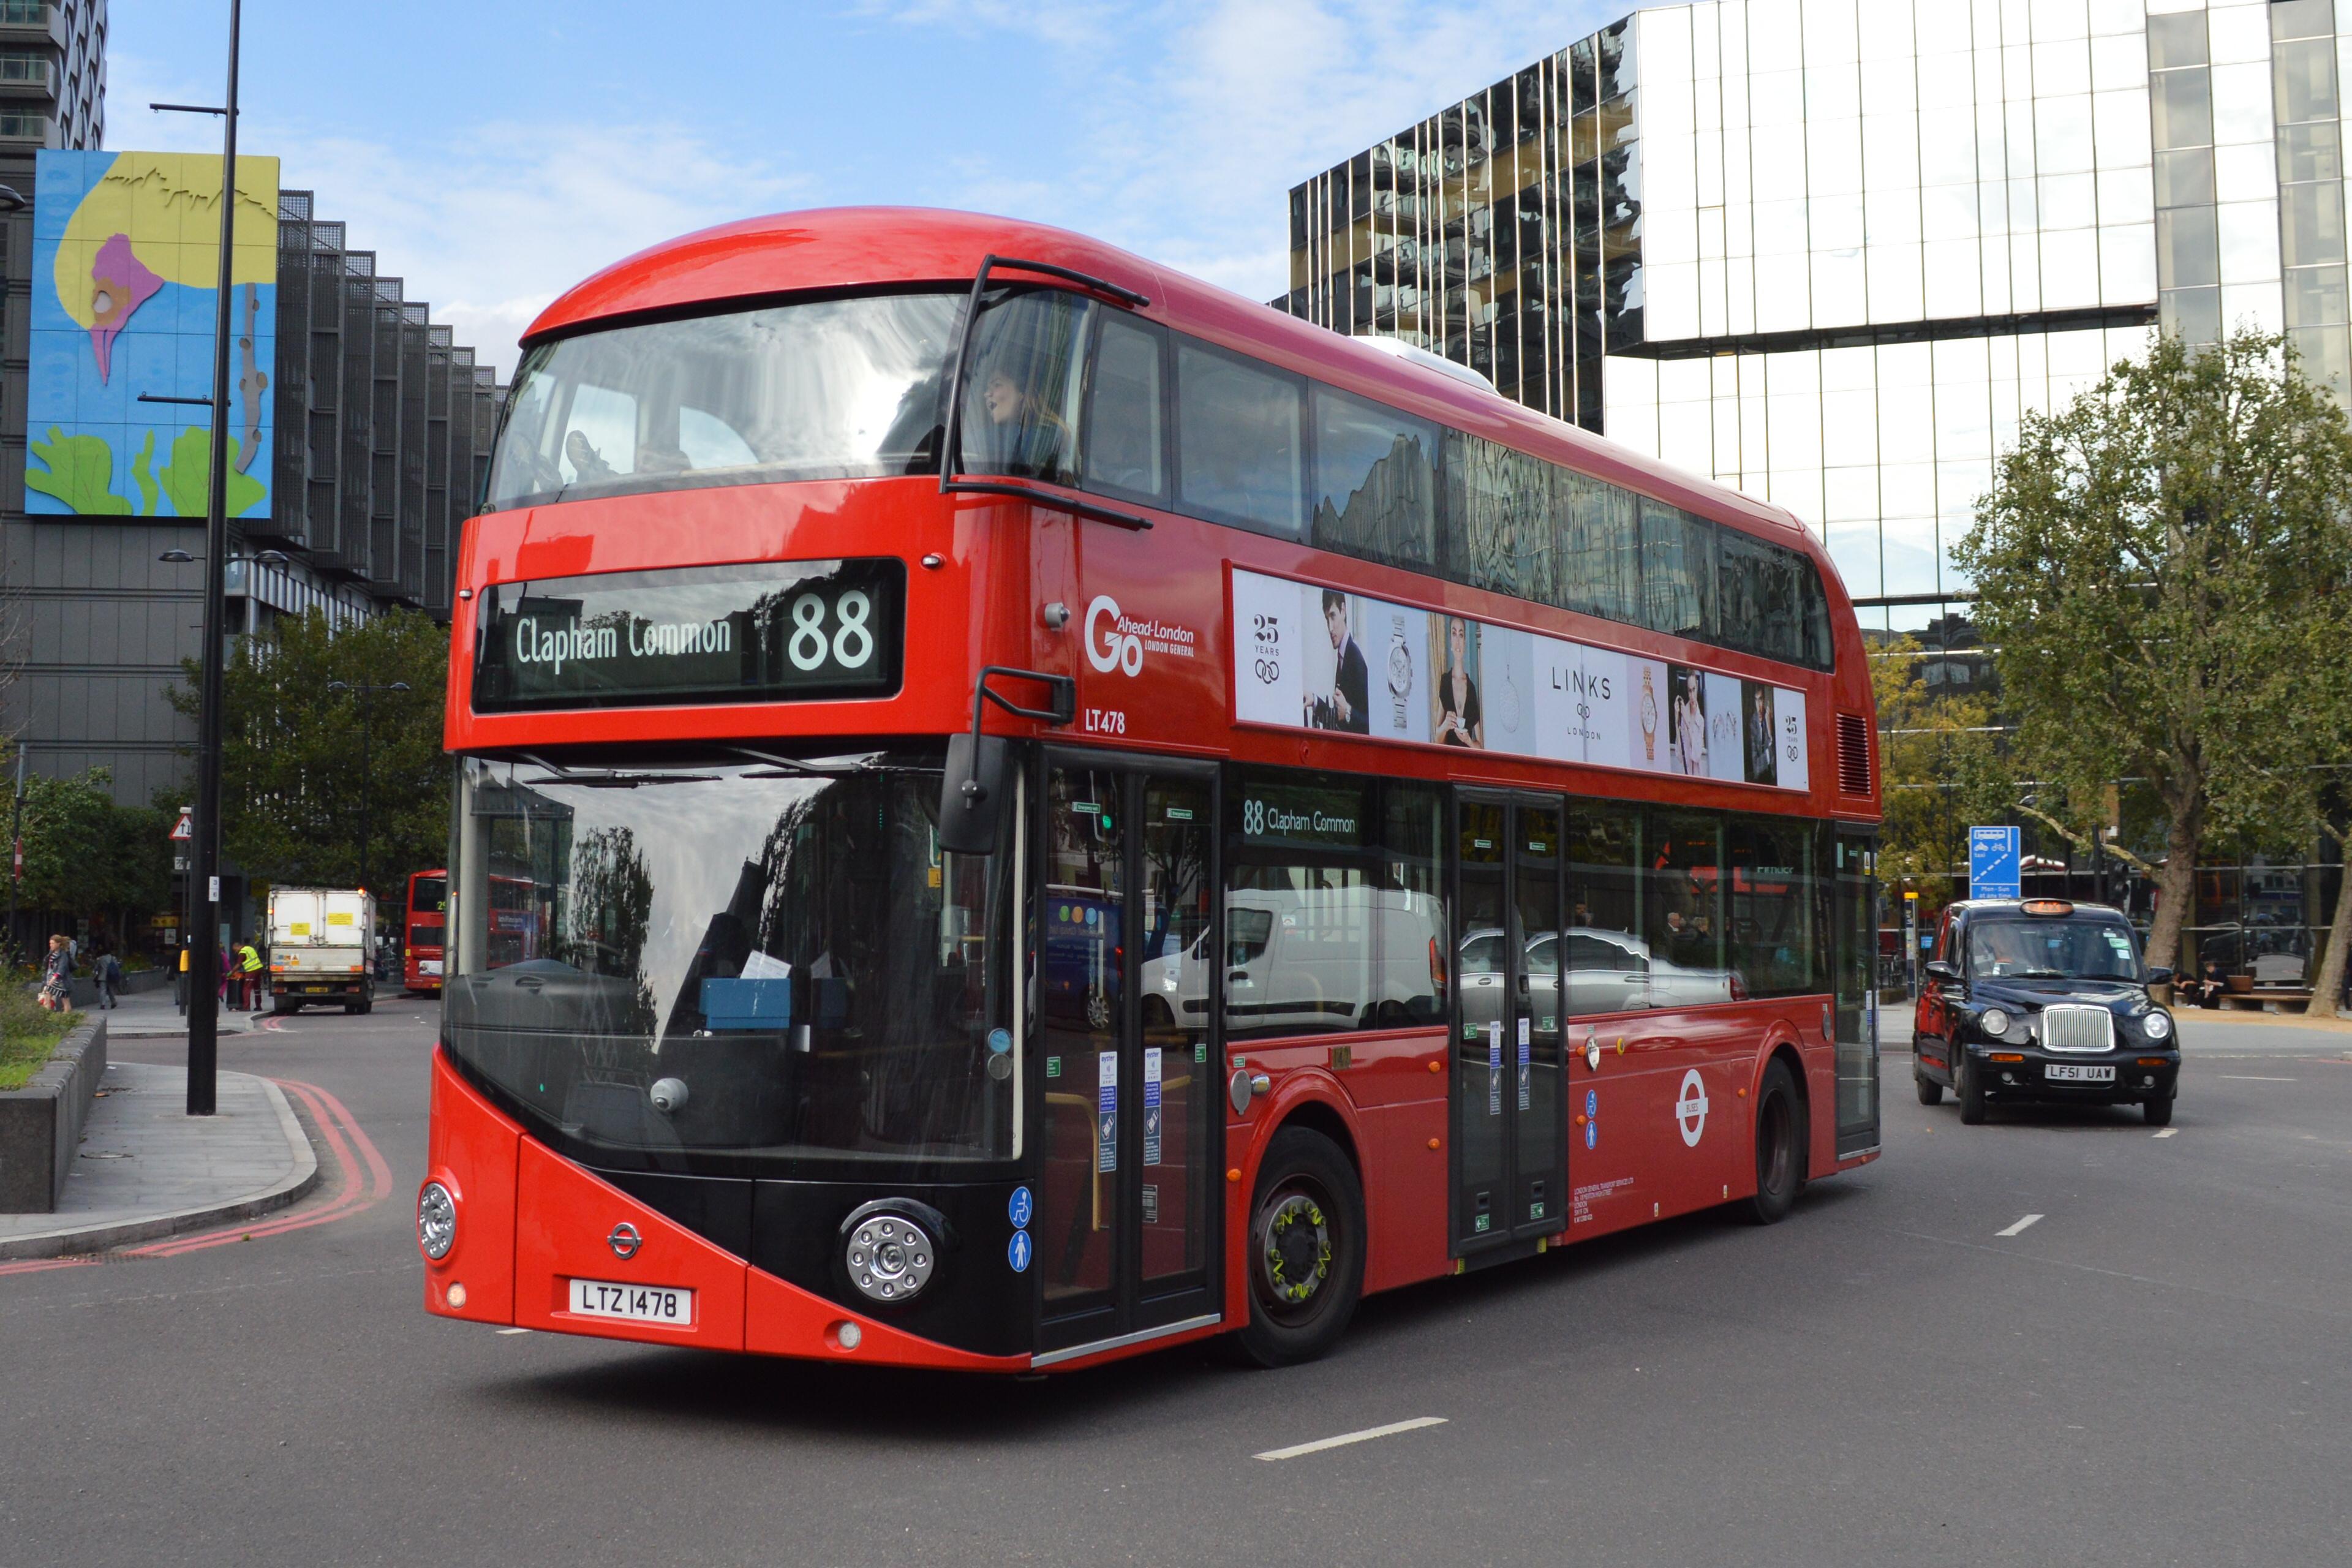 88 Clapham Common Go-Ahead Londra NEW Routemaster